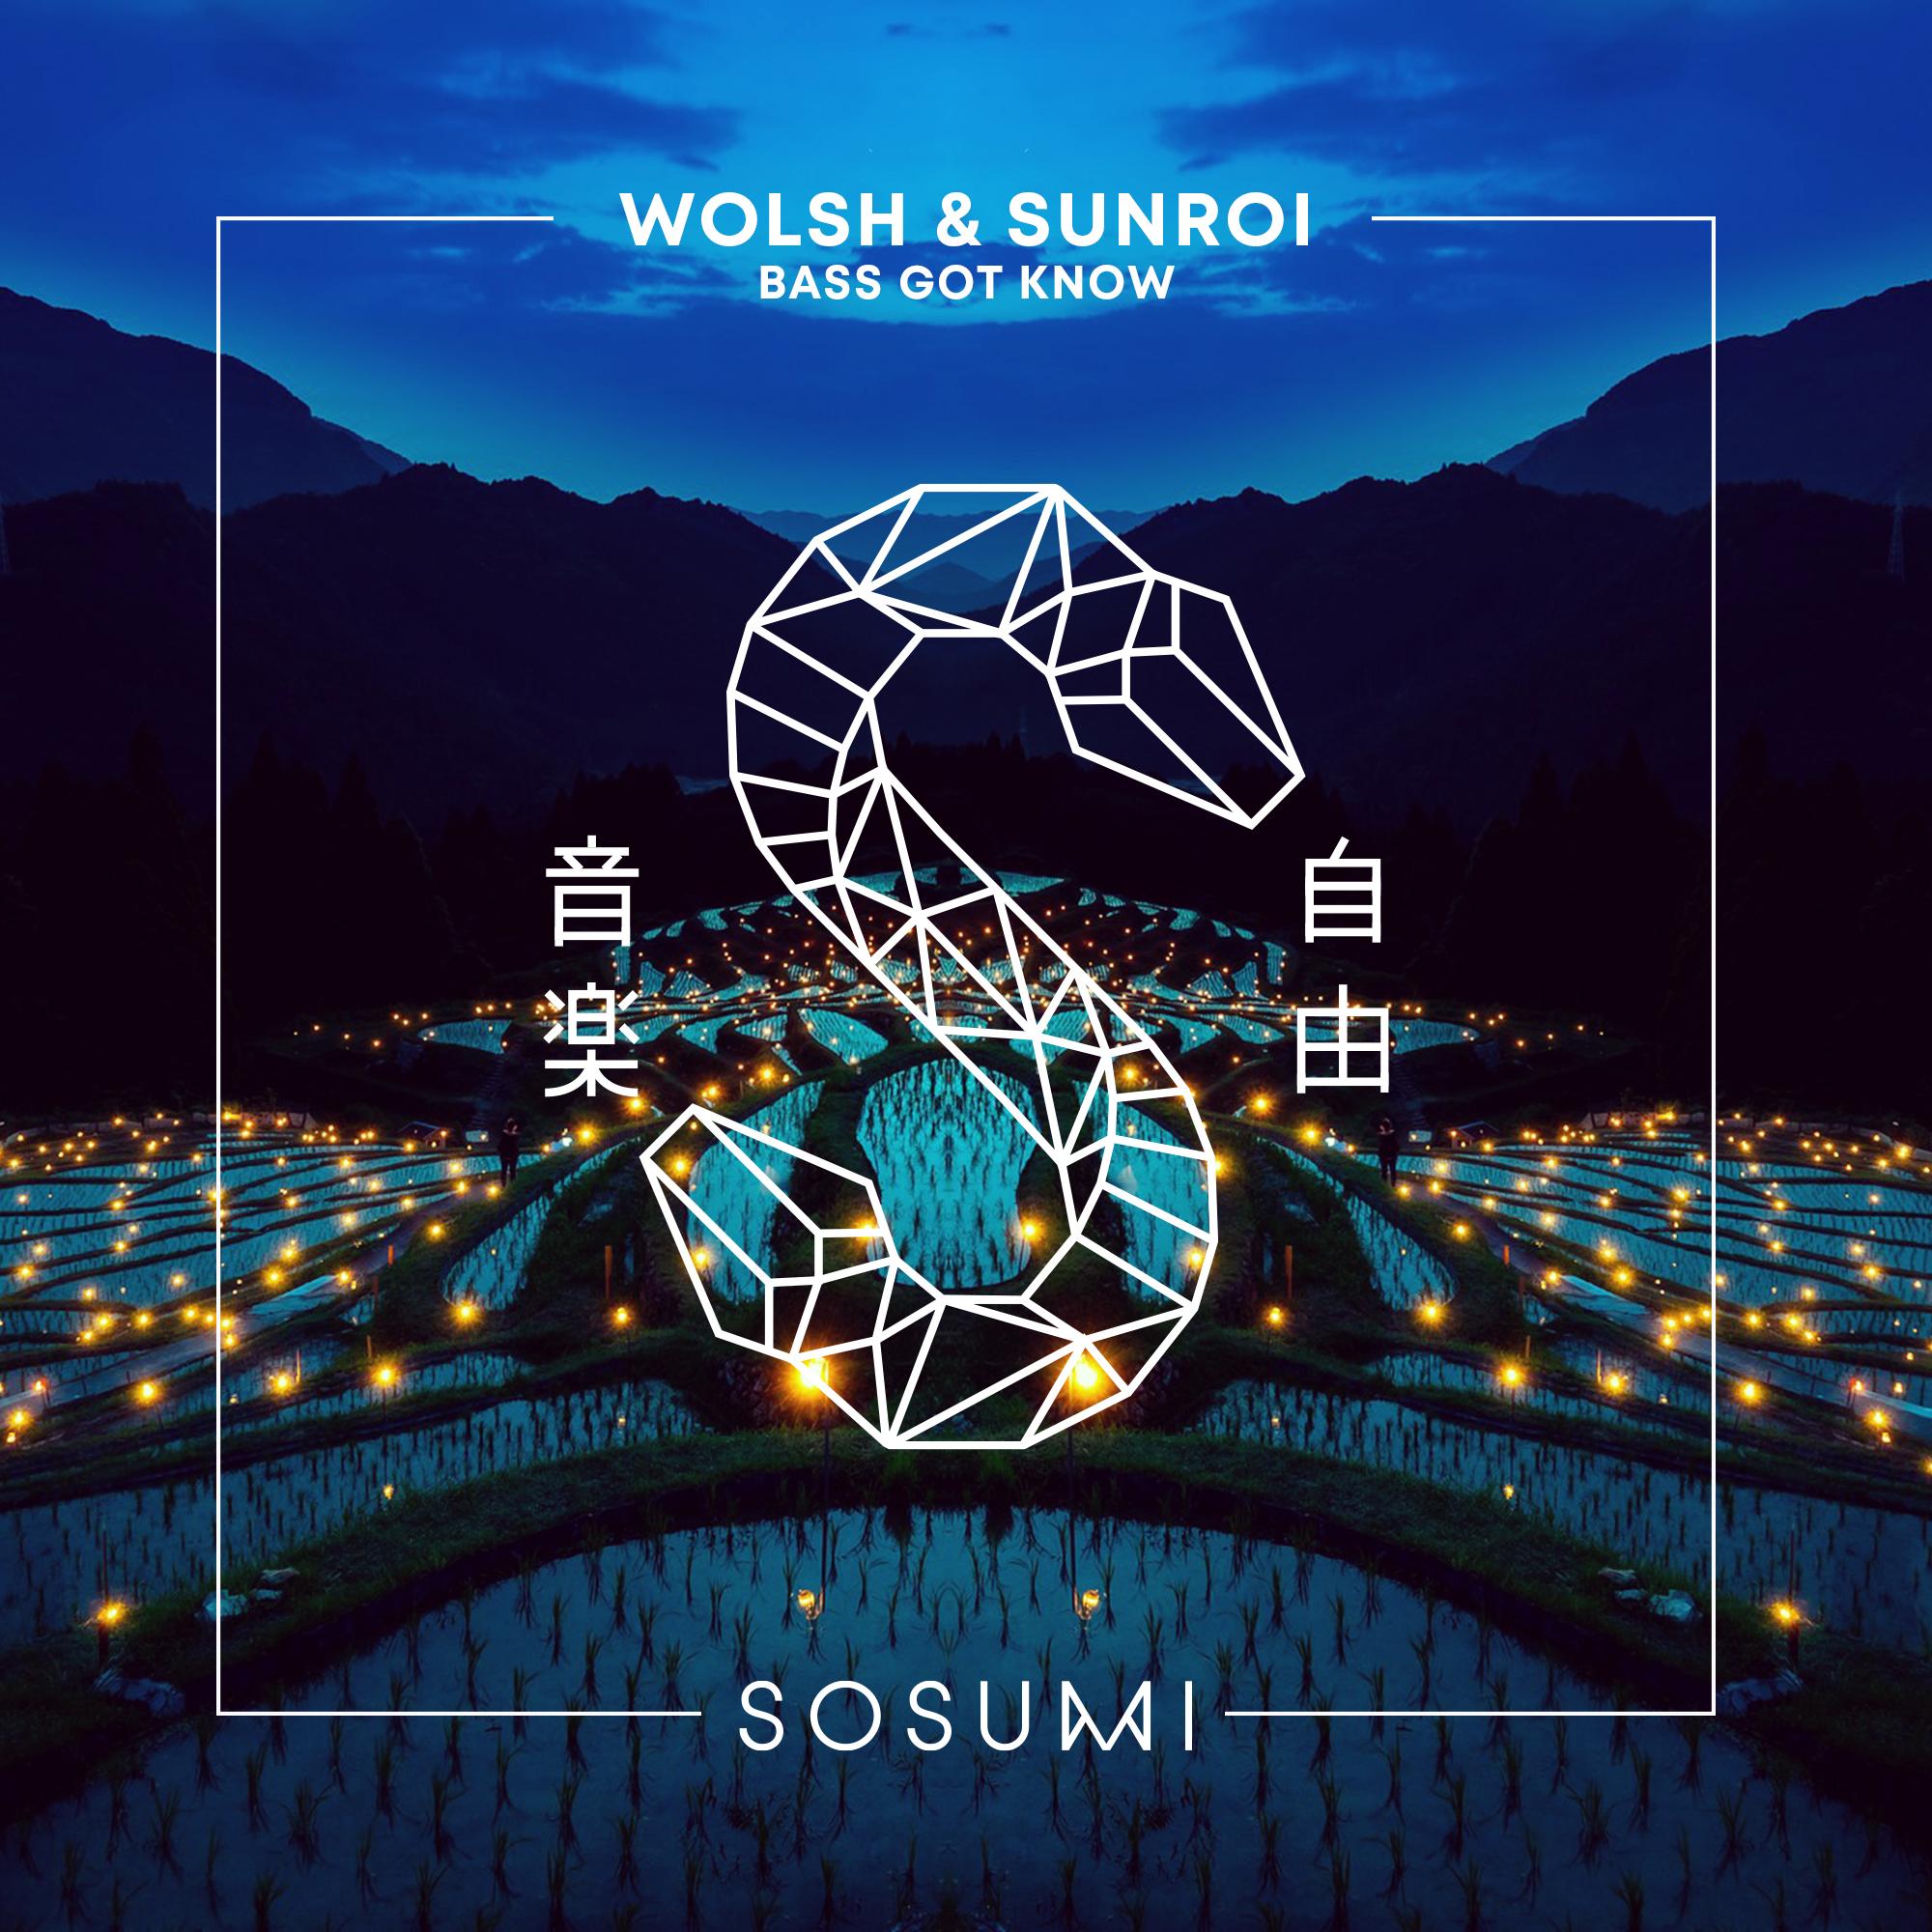 Bass Got Know - Wolsh y Sunroi